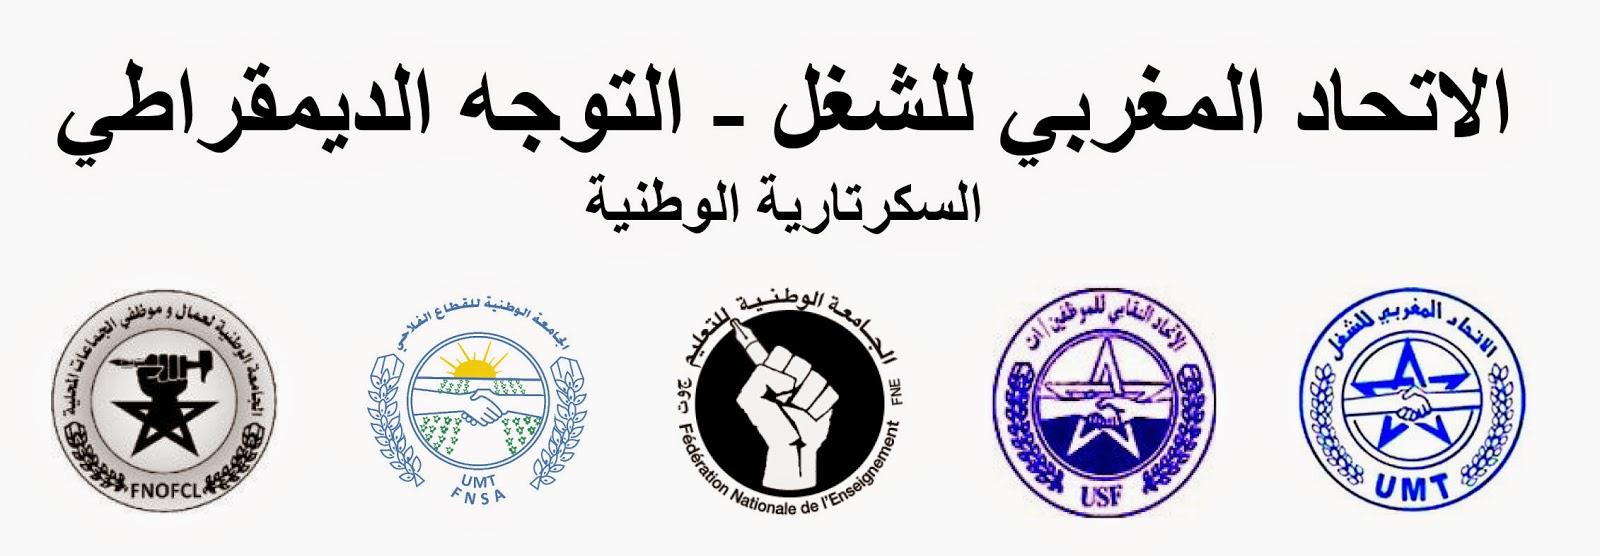 UMT-Tendance démocratique: Appel à la grève générale